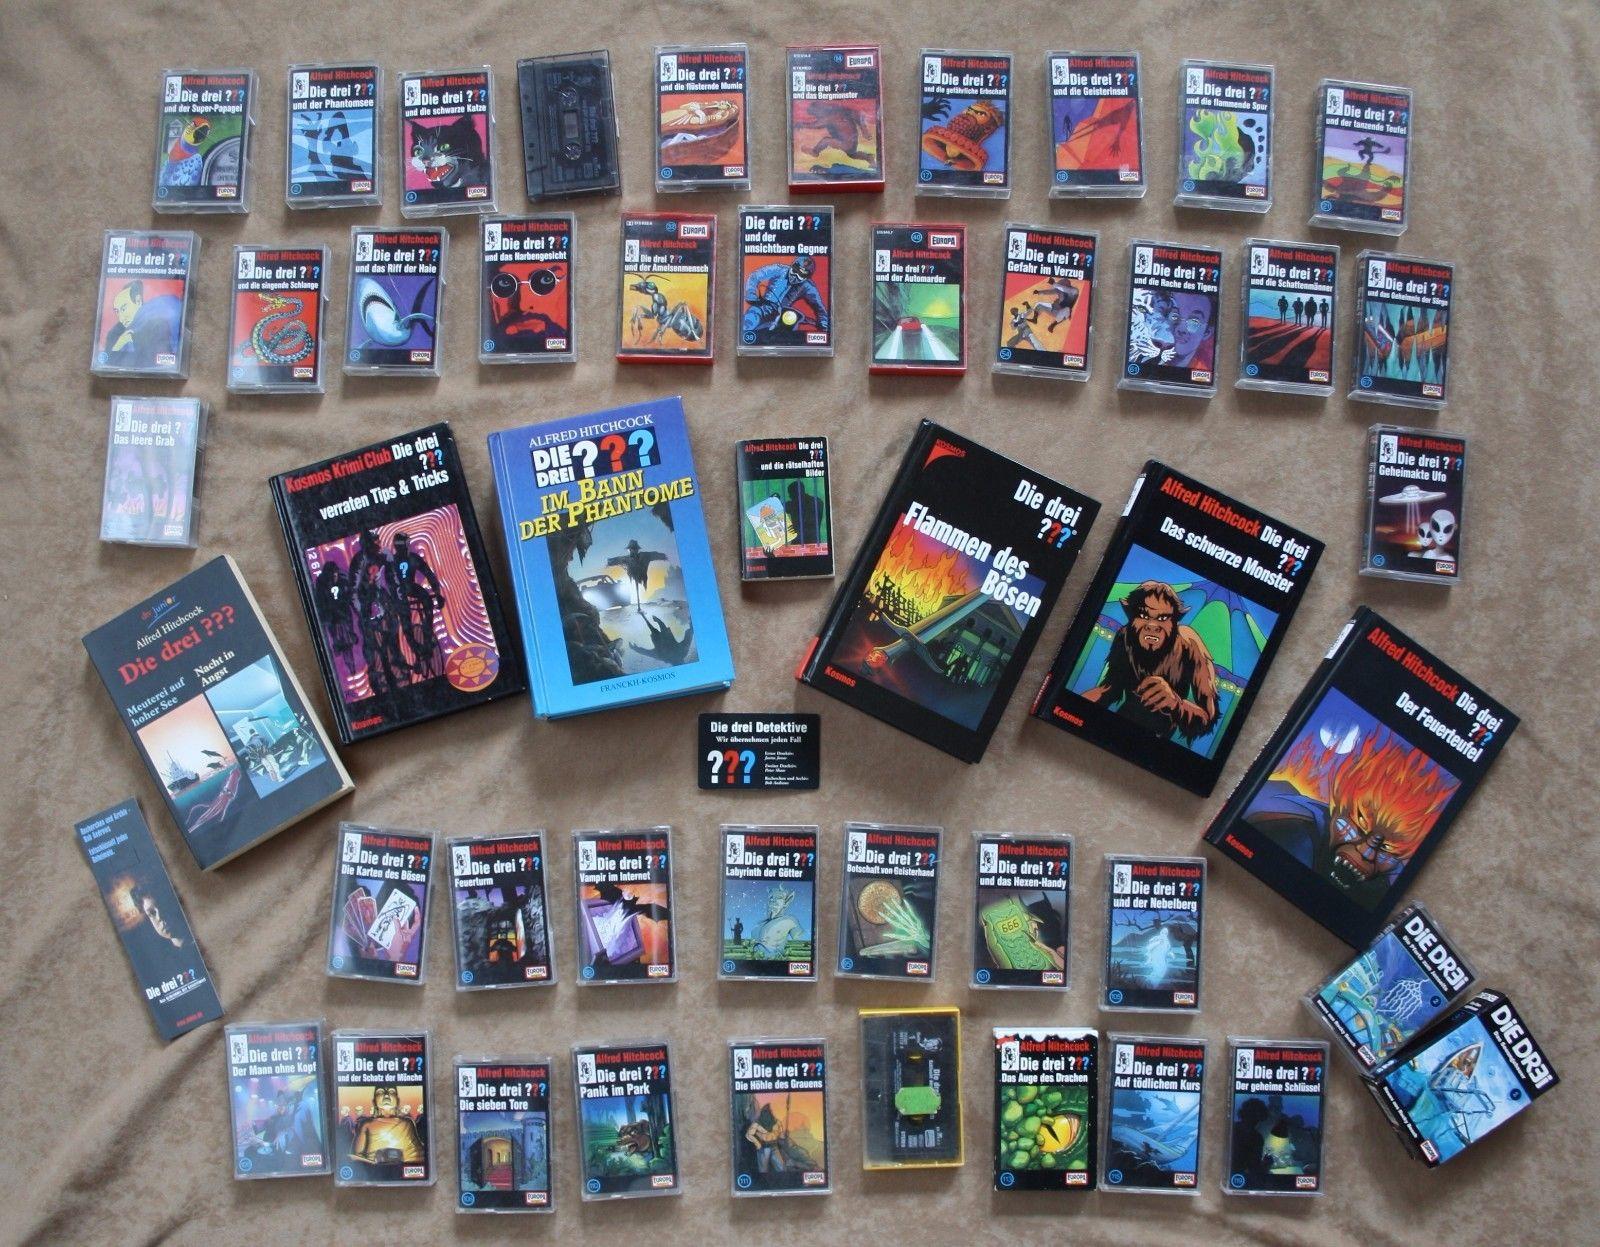 Großes Fanpaket Die drei ??? (Fragezeichen): Höspiel-Kassetten MCs & Bücher